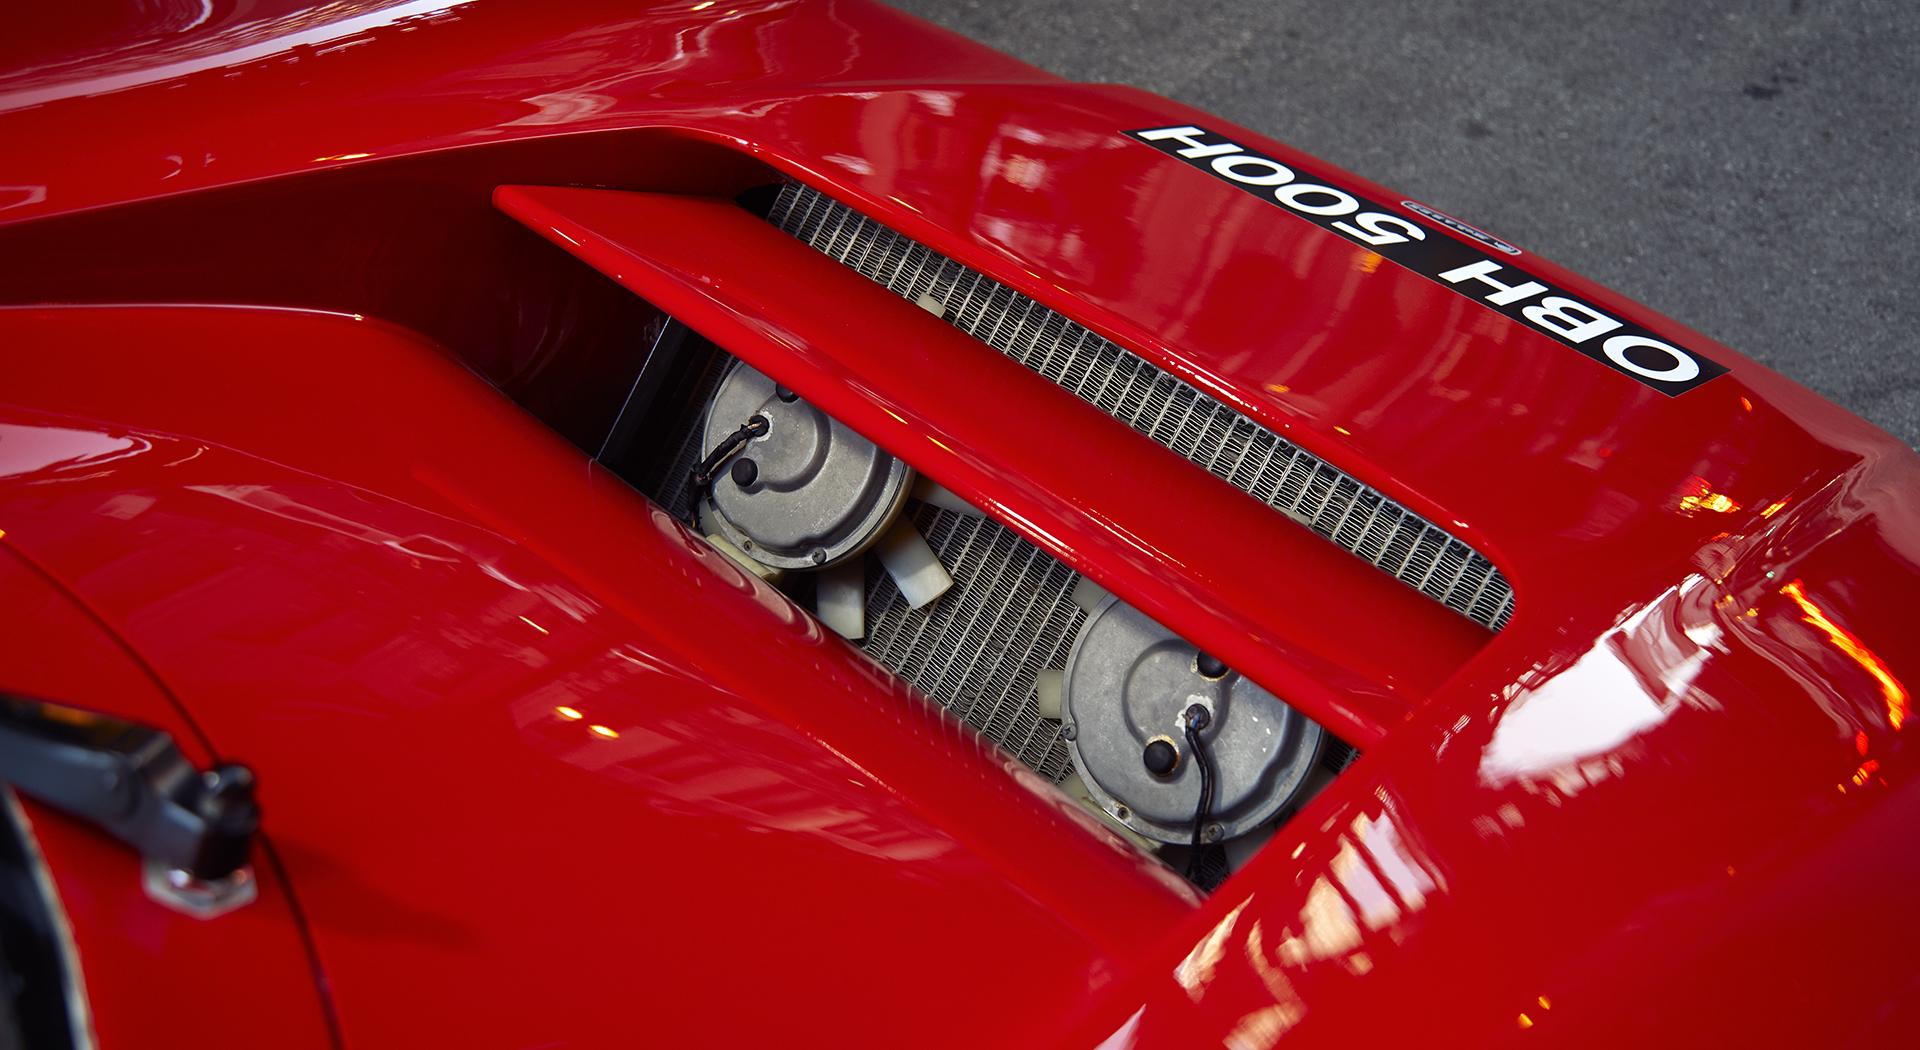 McLaren M6GT - 1968 - engine rear preview - Chevrolet V8 5.7L - 2020 - photo via McLaren Chicago